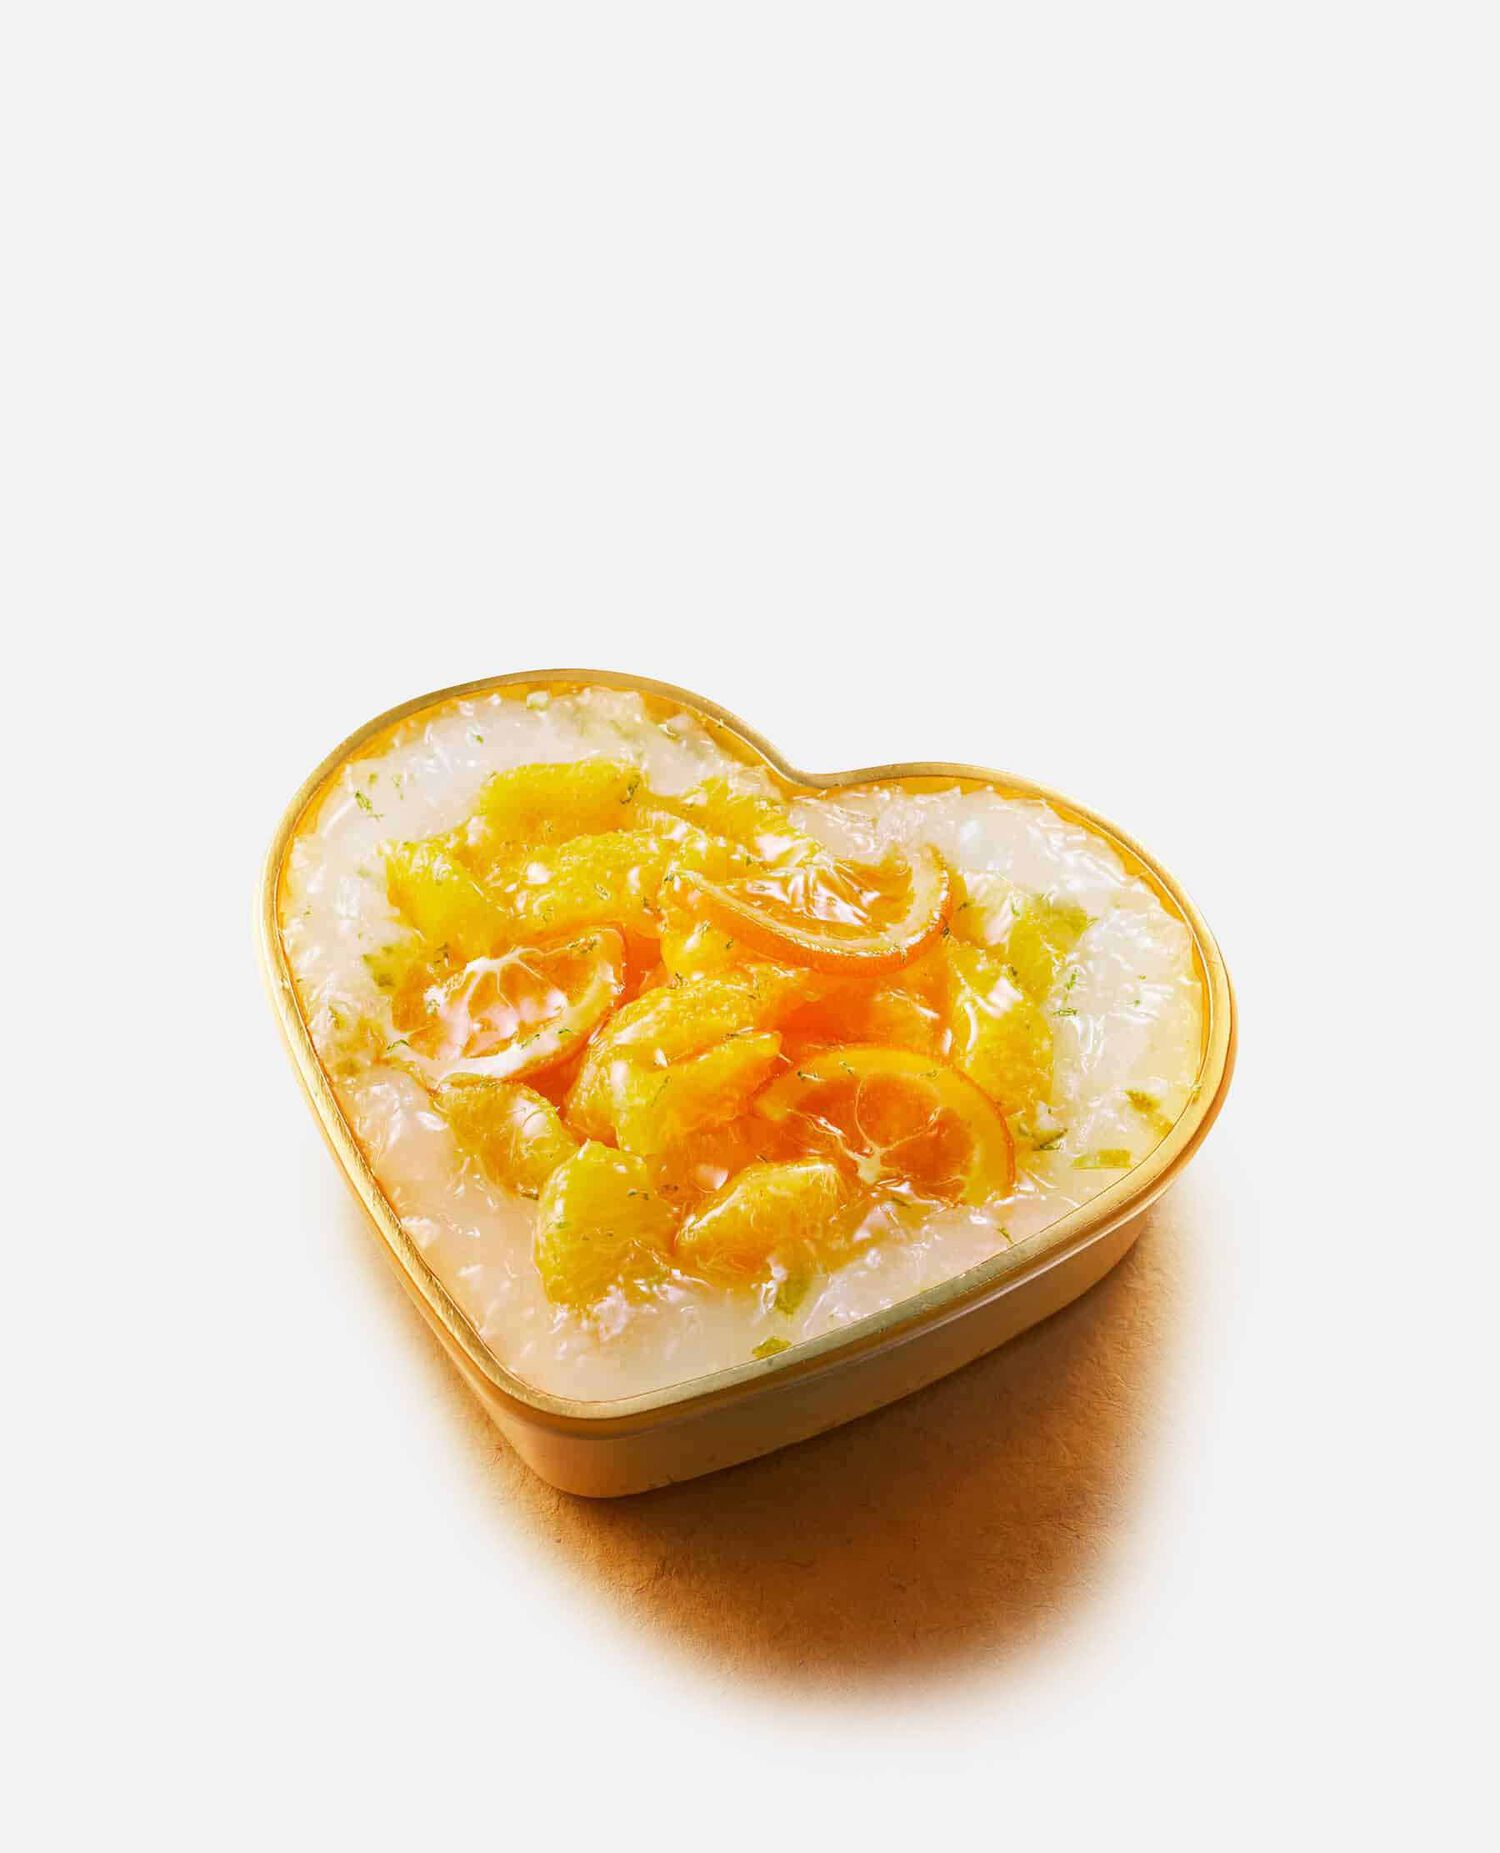 小笠原レモンとオレンジのショートケーキ